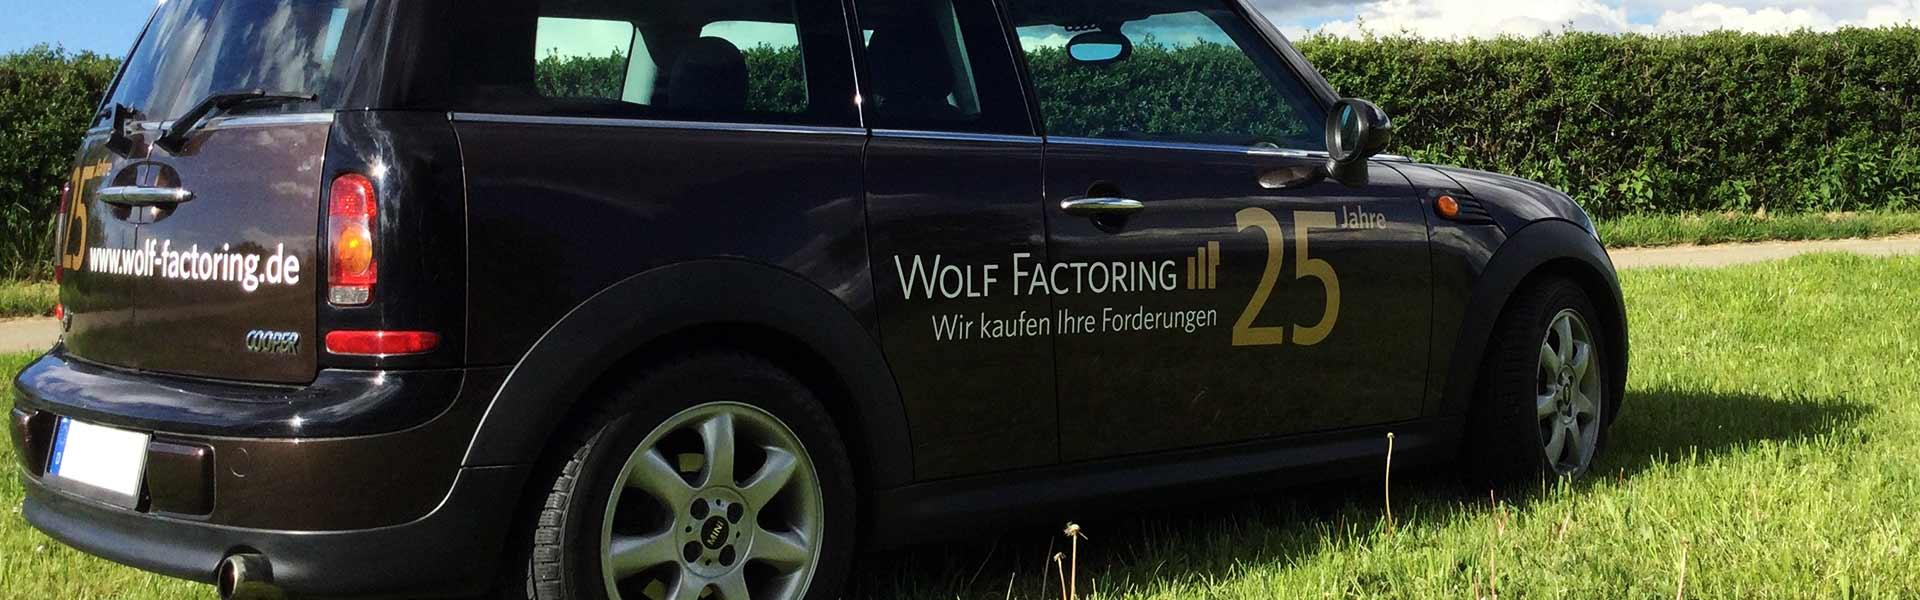 Fahrzeugbeschriftung Stuttgart: Beschriftung für Wolf Factoring, Beifahrerseite